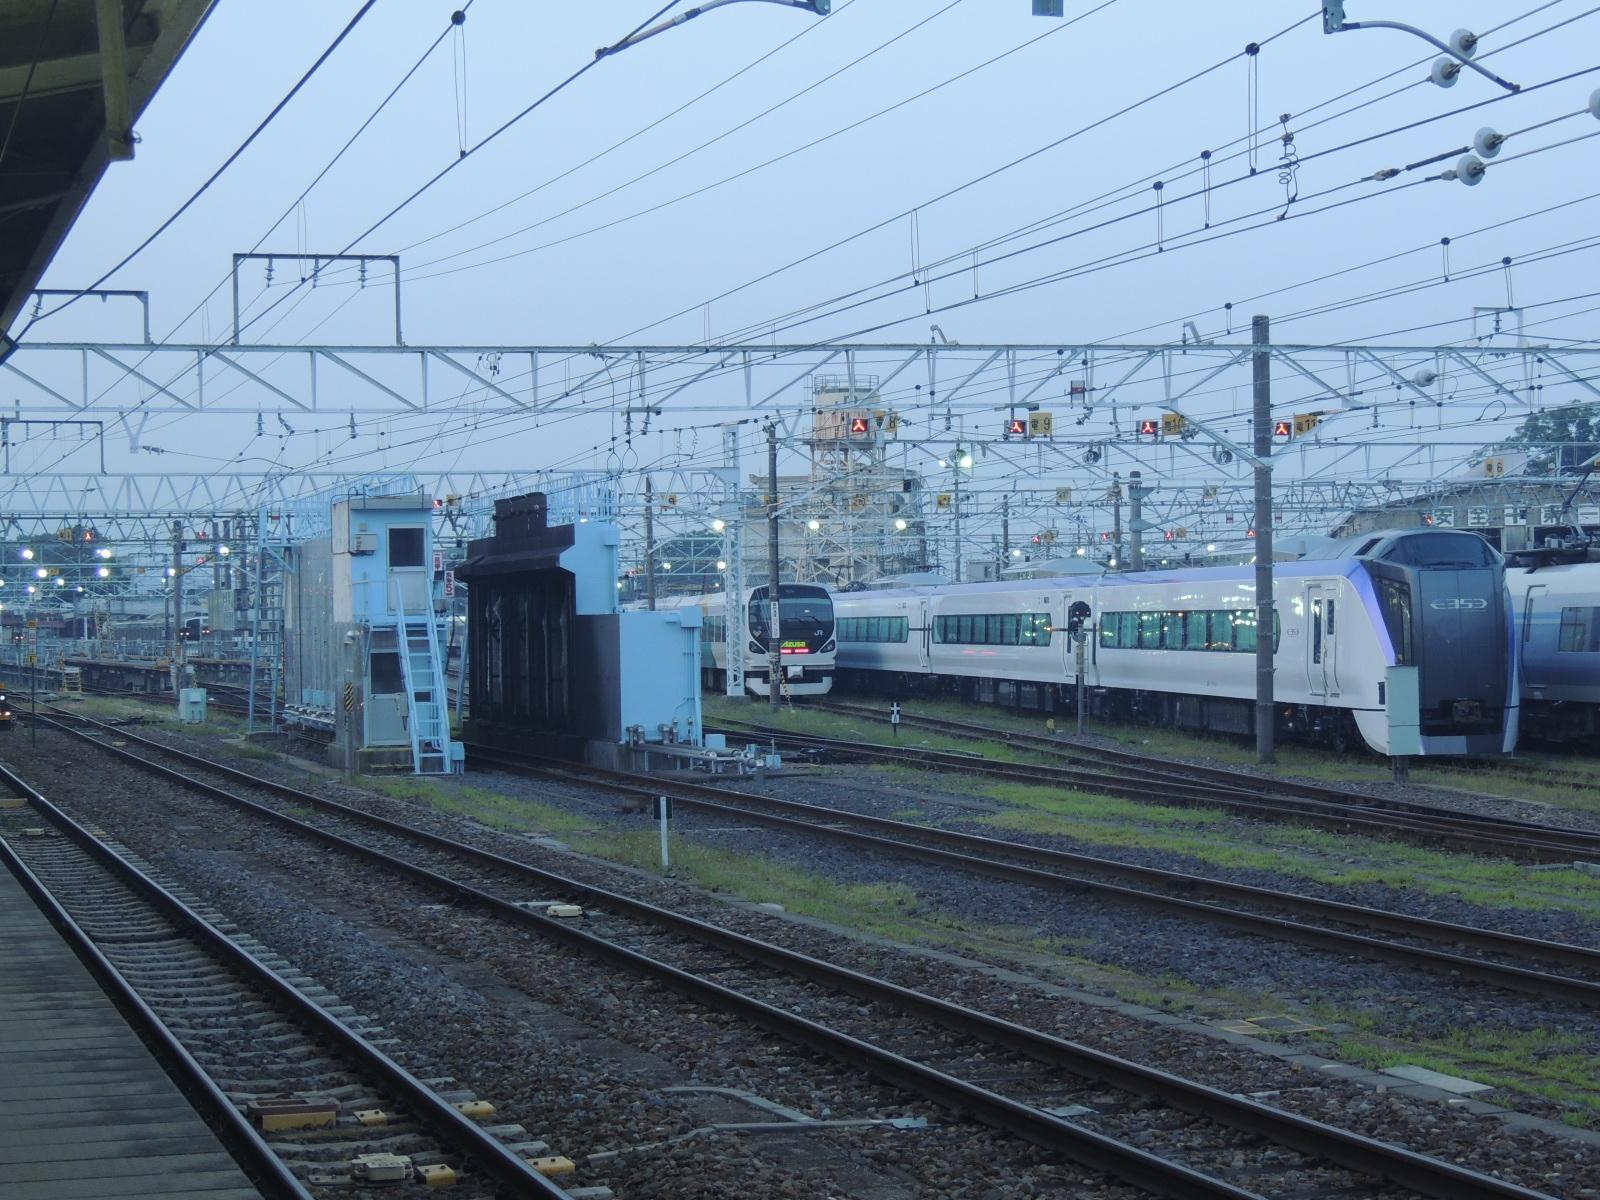 DSCN3328.jpg